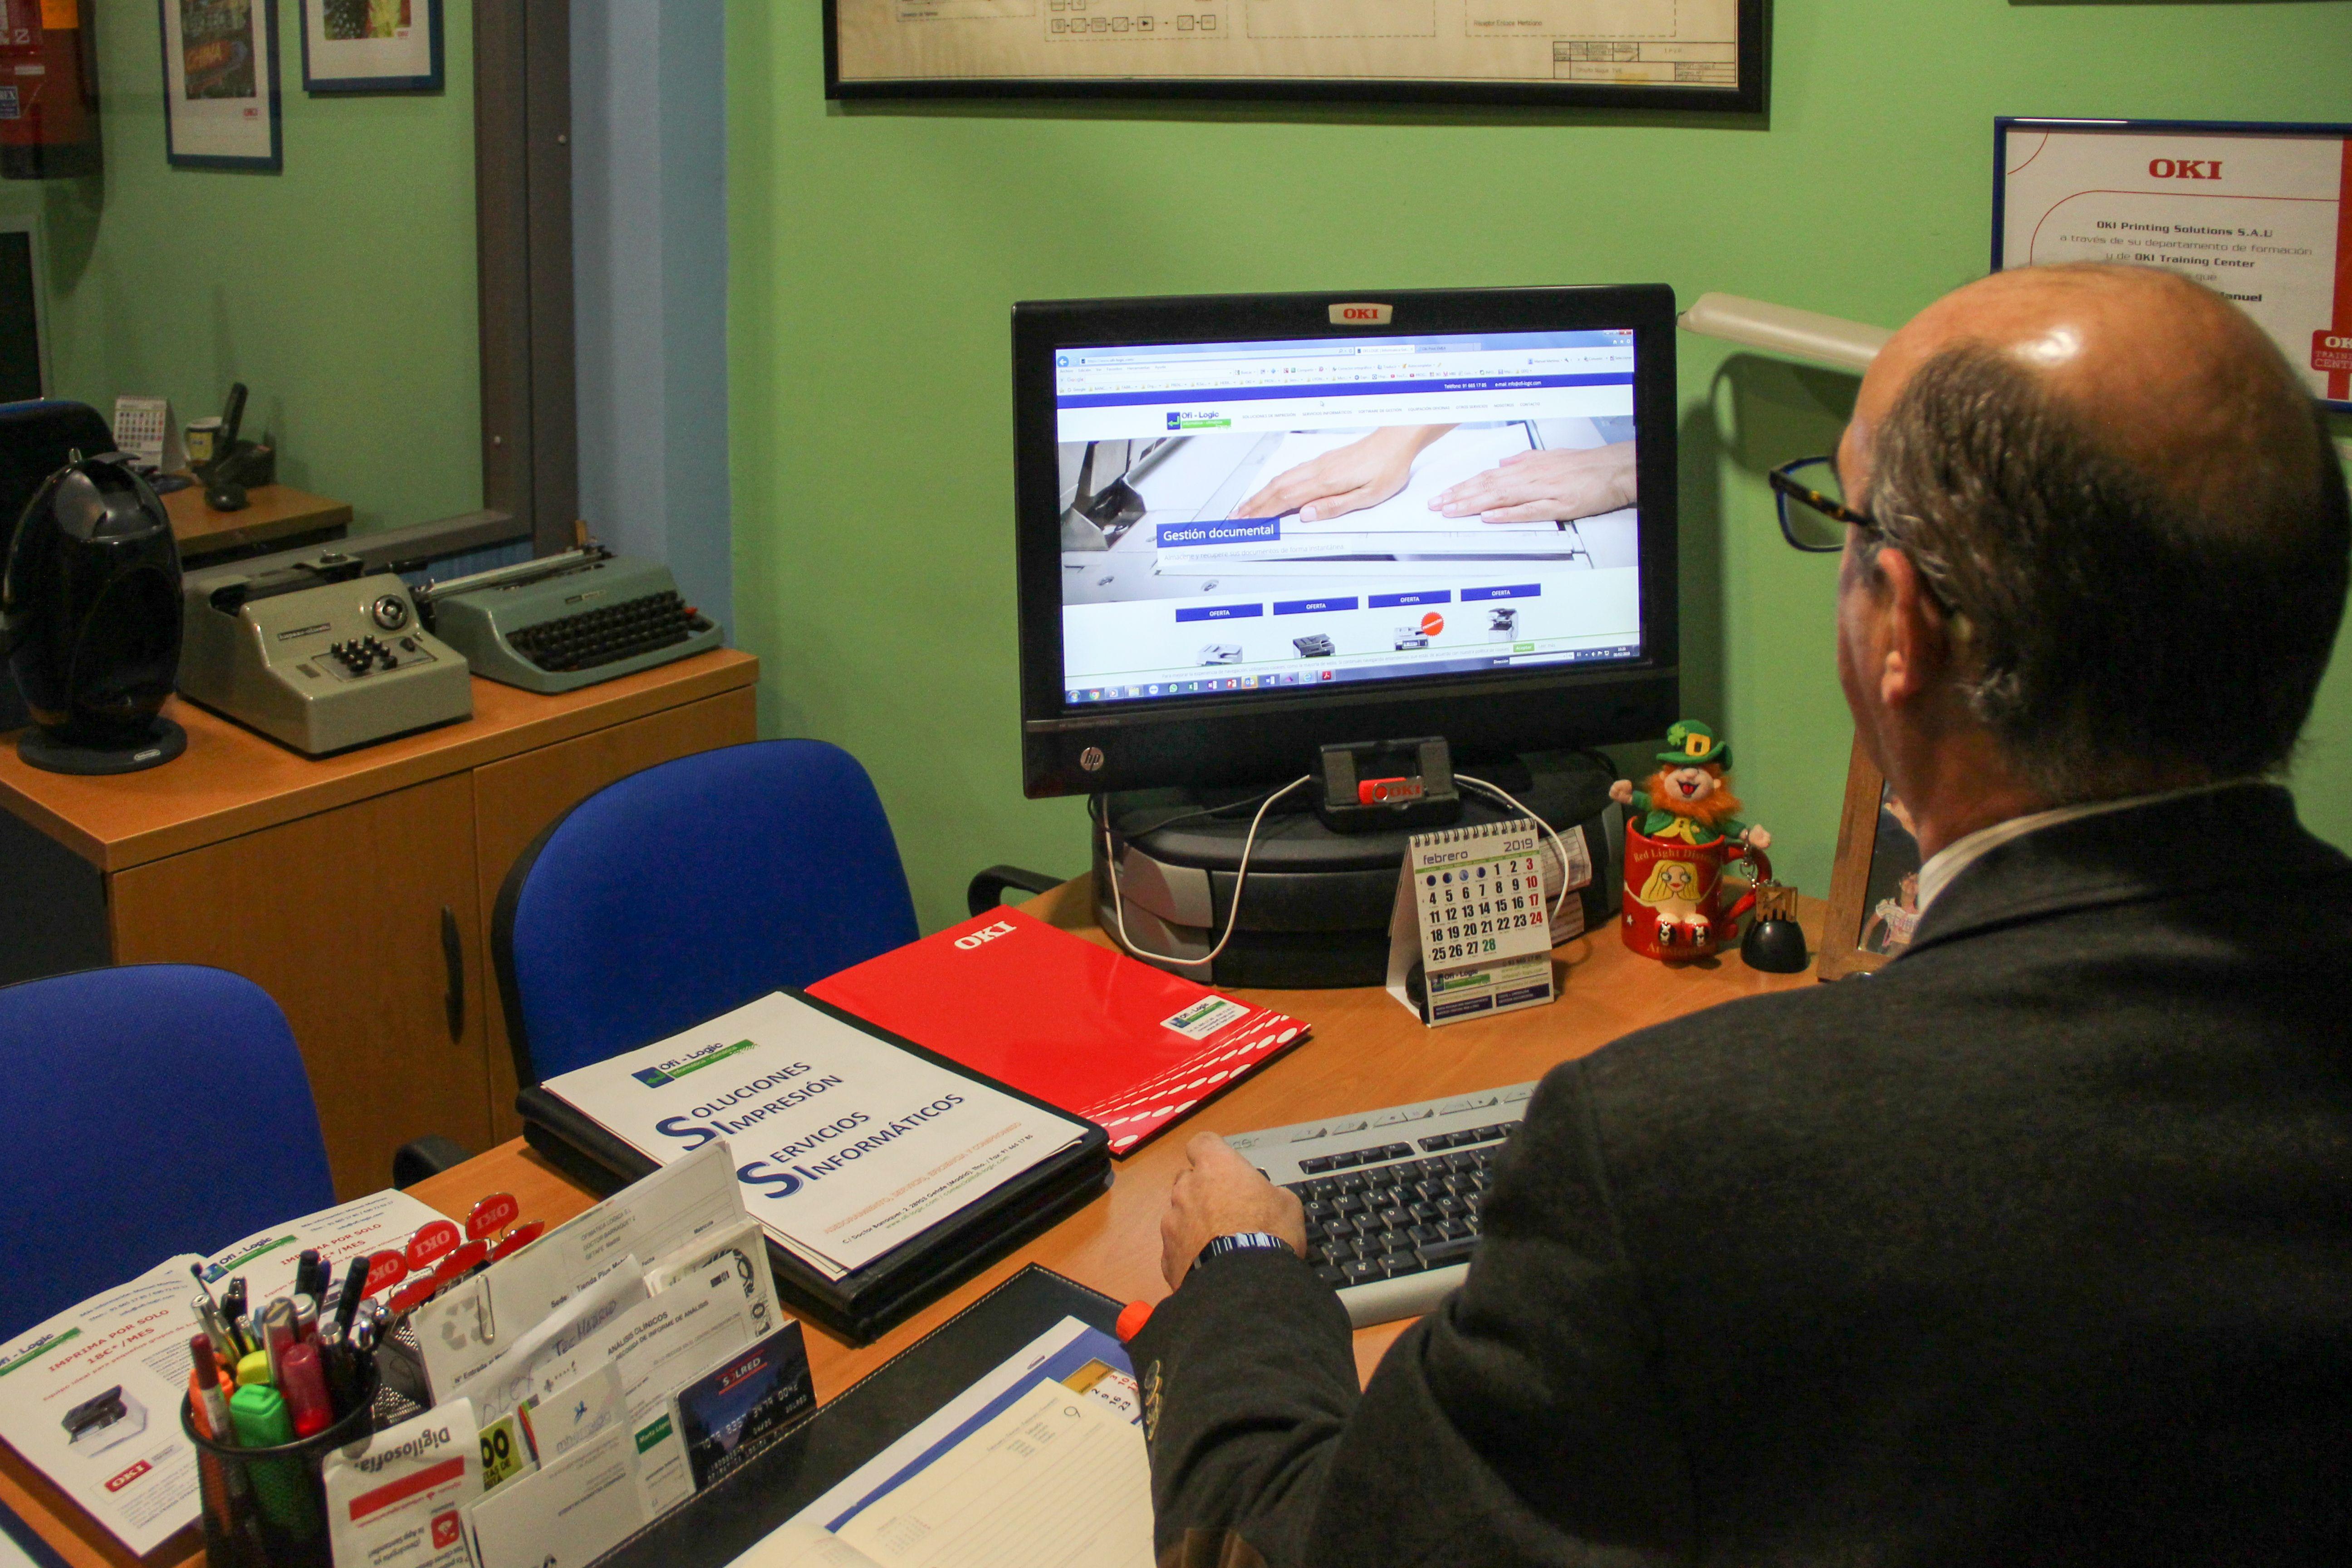 Manuel mirando web